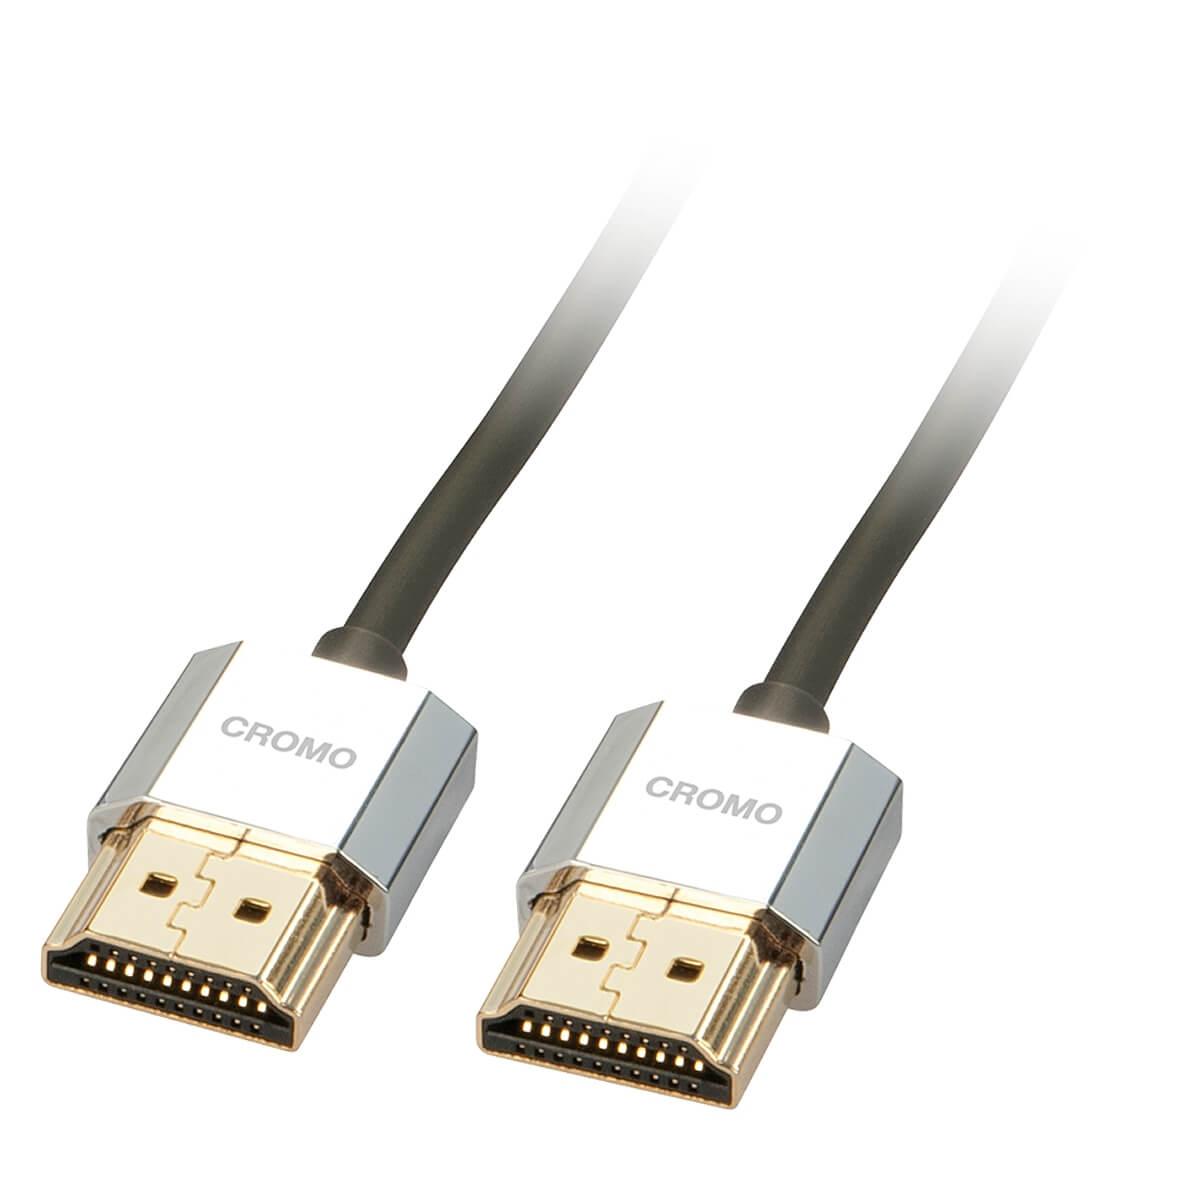 LINDY CROMO SLIM Câble HDMI 2.0 Blindé Plaqué Or 1m